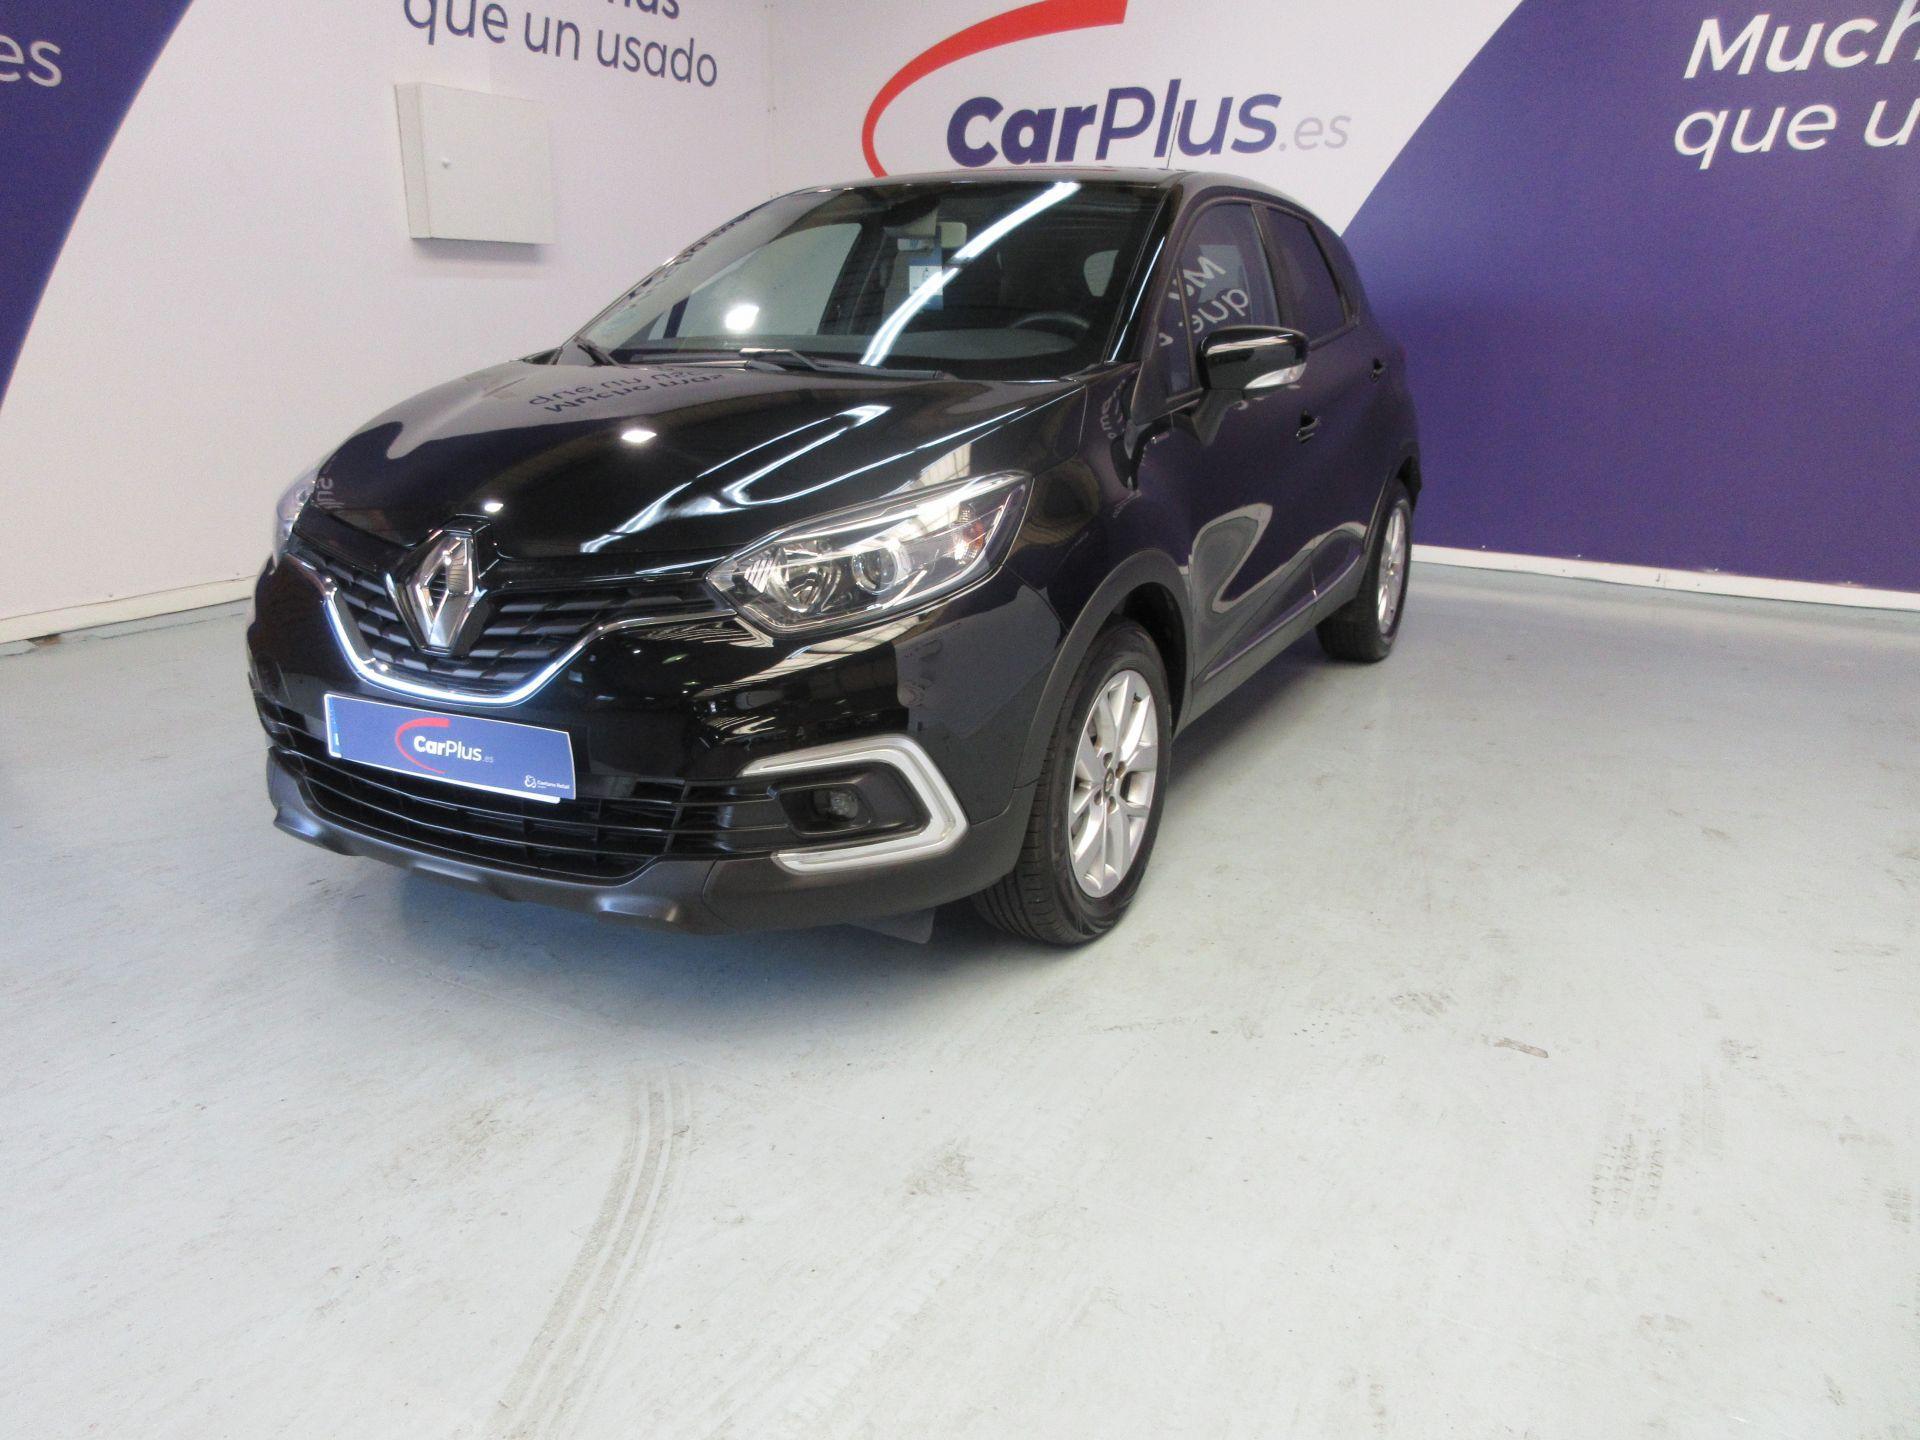 Renault Captur ocasión segunda mano 2019 Gasolina por 13.990€ en Madrid